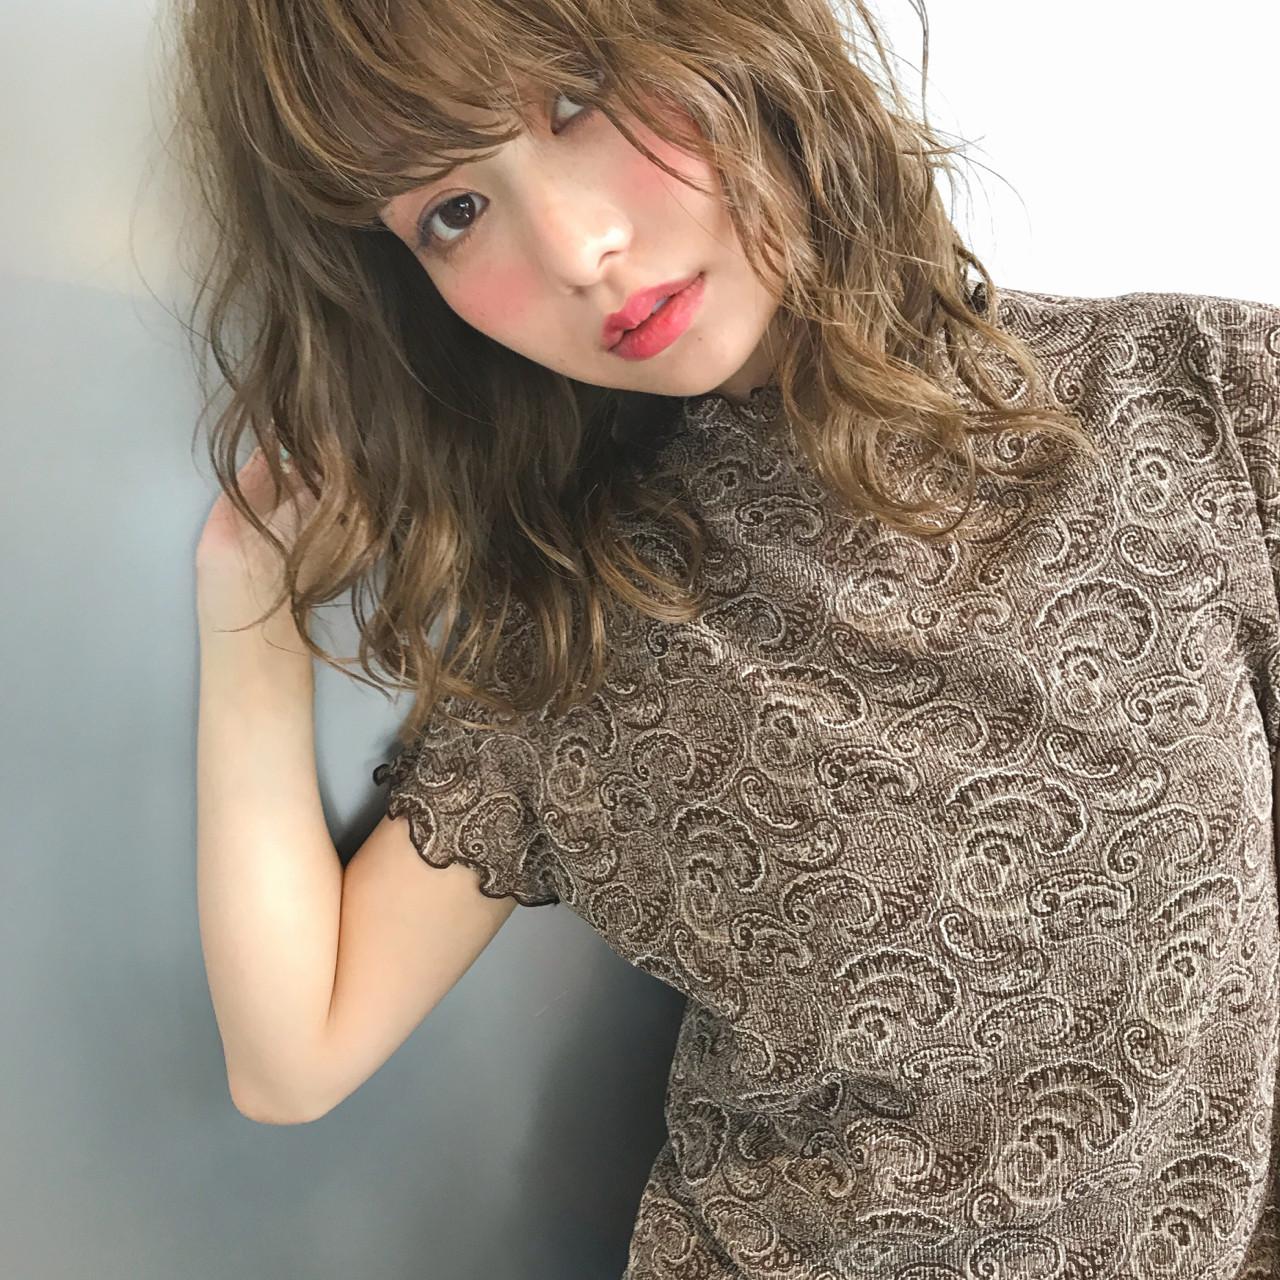 ウェーブ リラックス 色気 ミディアム ヘアスタイルや髪型の写真・画像 | Suguru Komuro / Quown'   ( クオン )